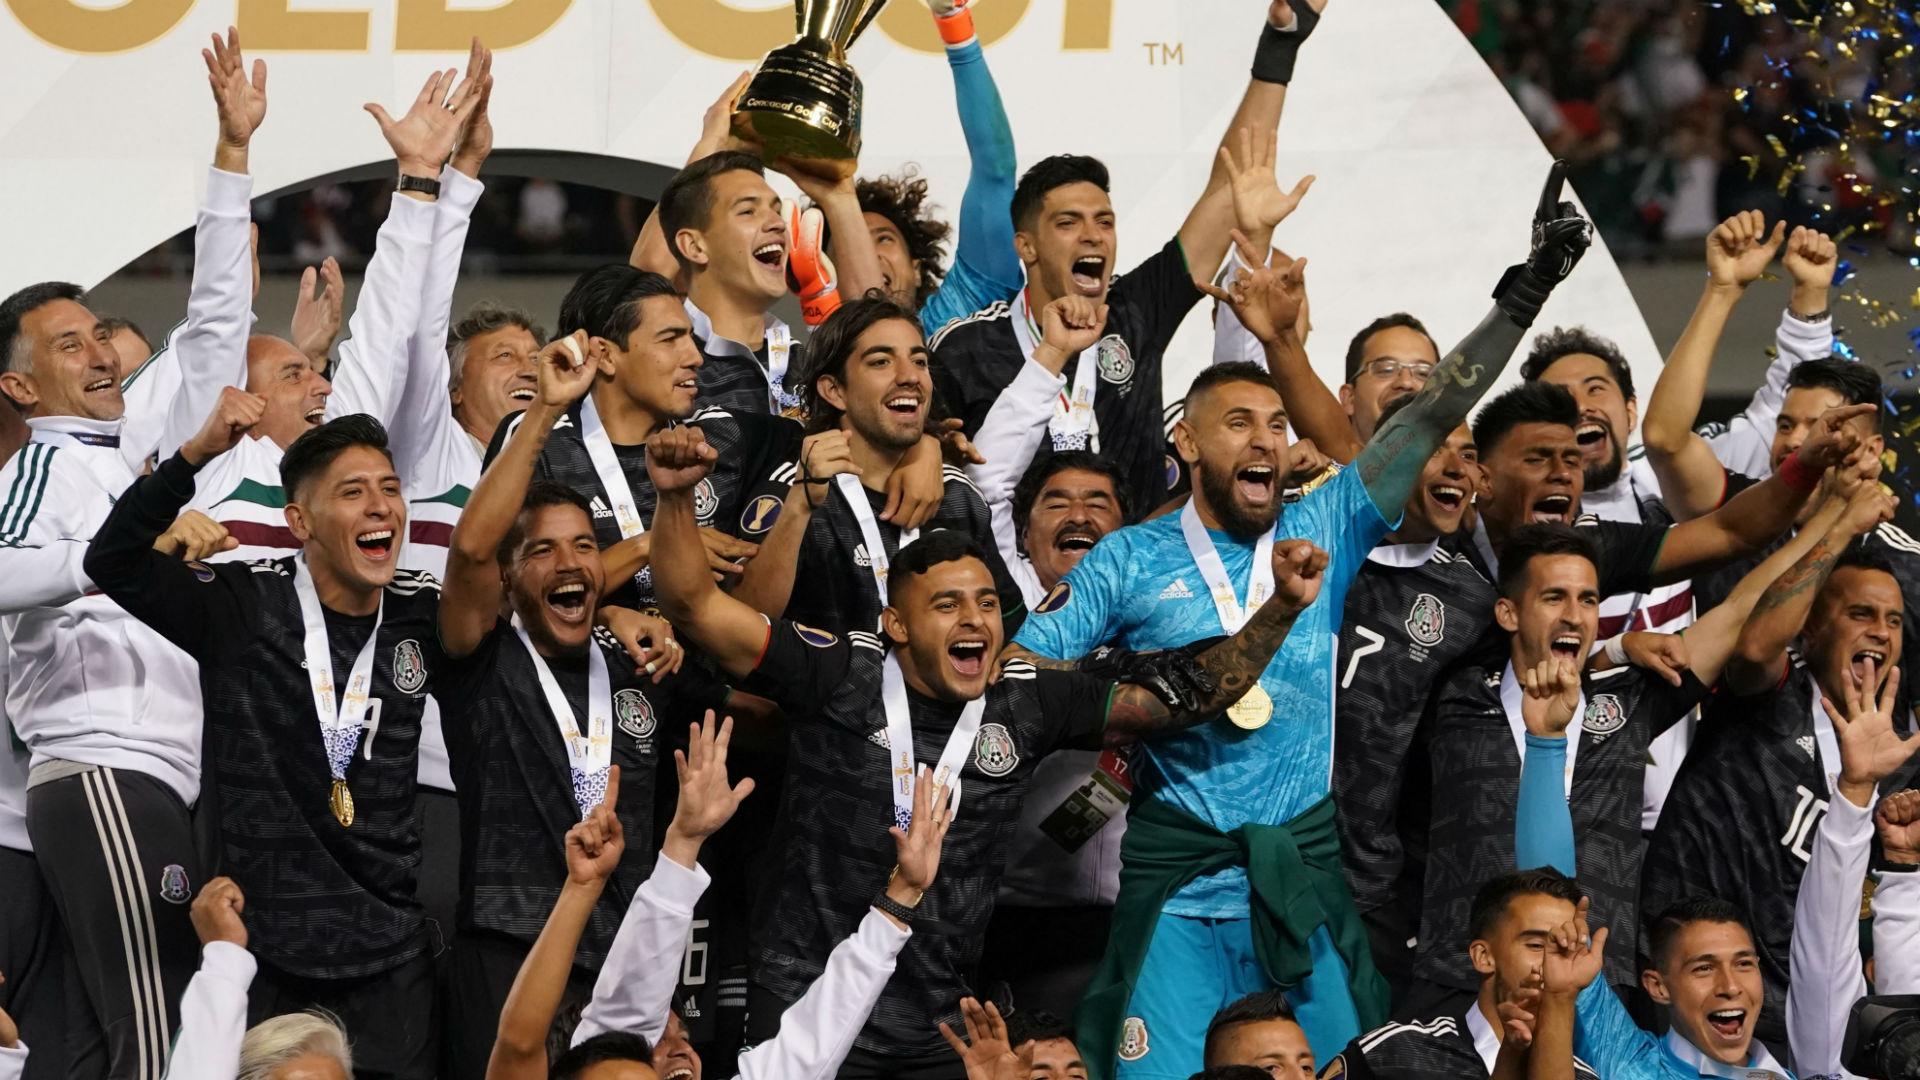 Gold Cup : le Mexique sacré champion après avoir battu les Etats-Unis